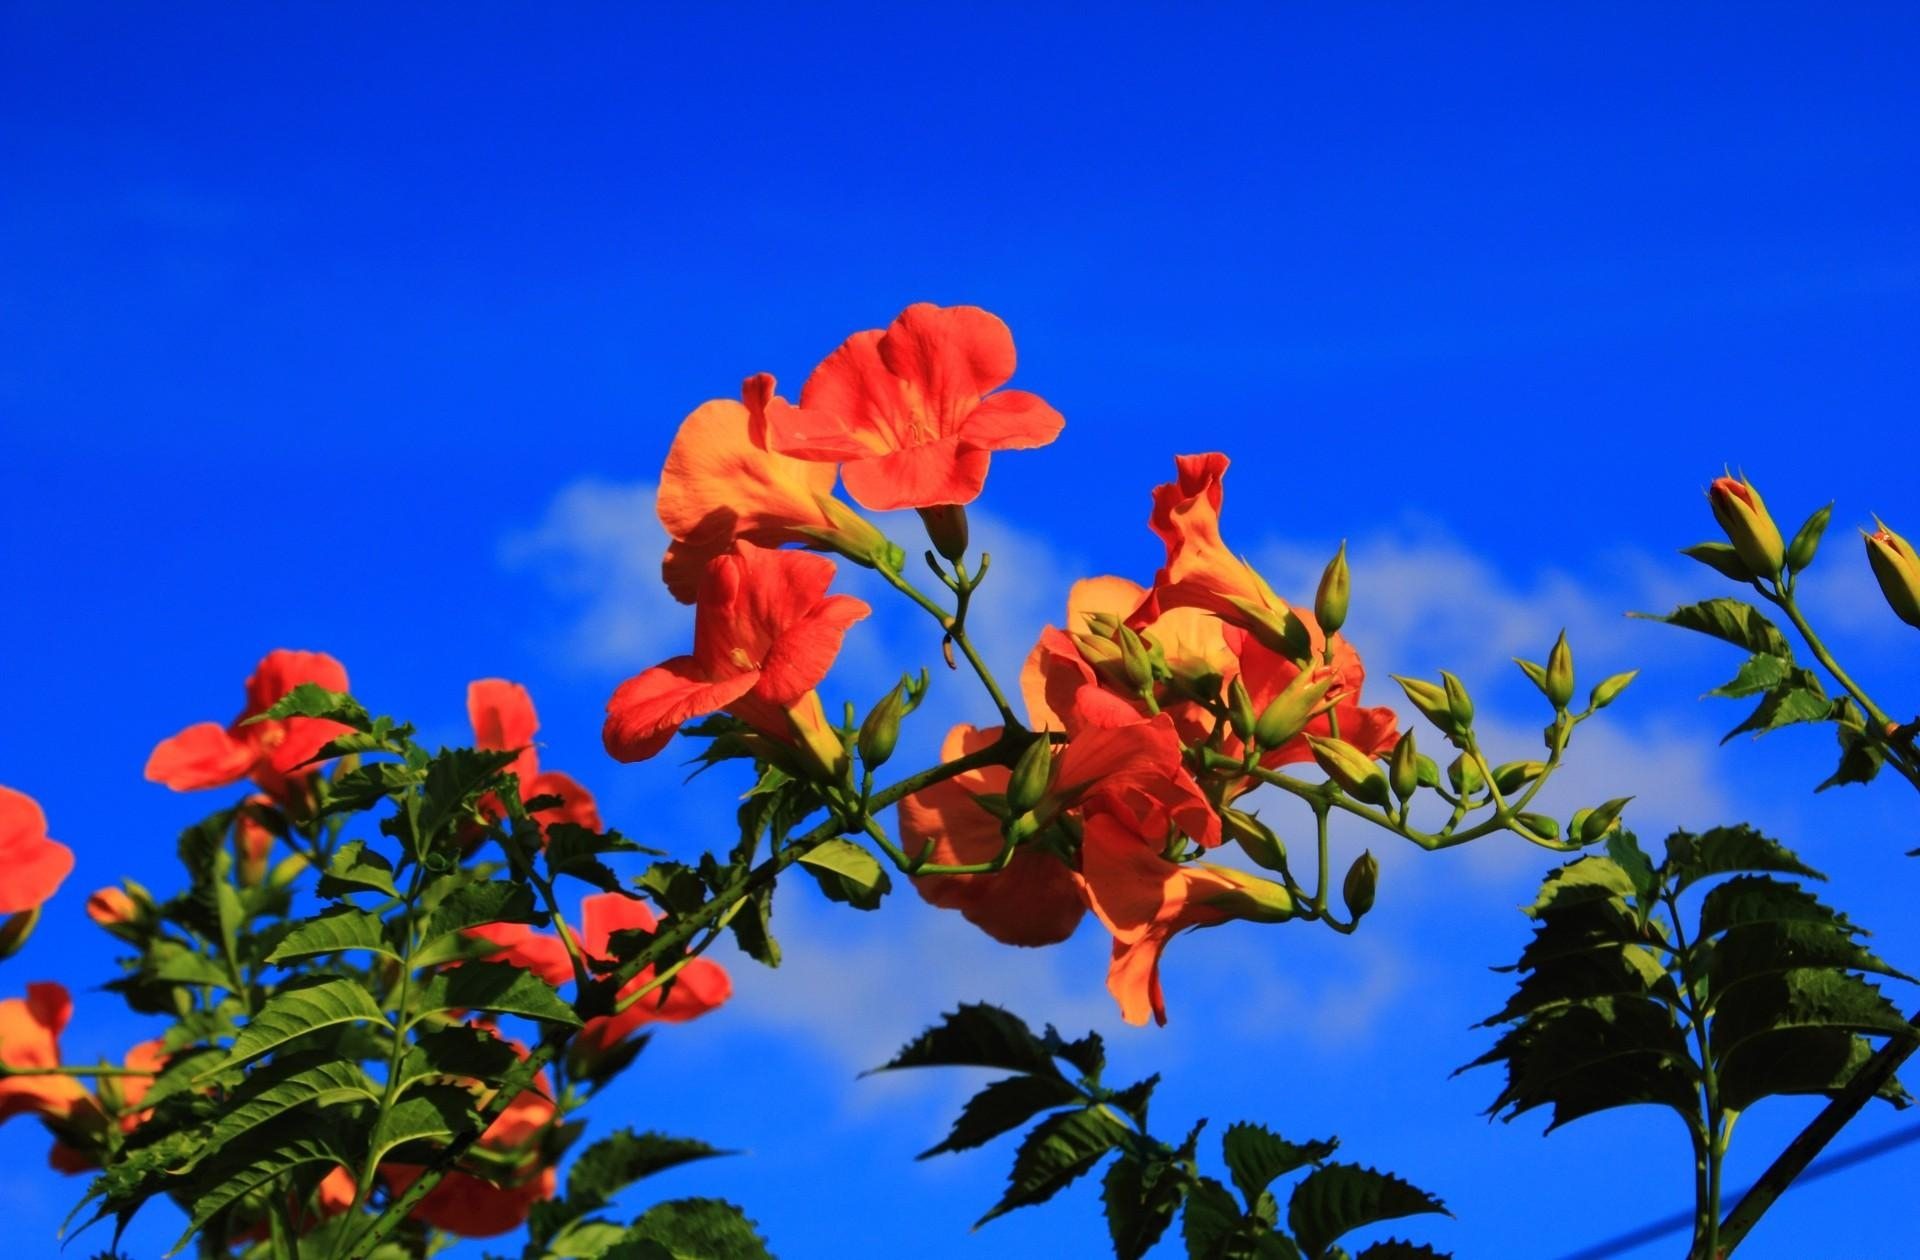 154490 скачать обои Цветы, Гибискус, Цветение, Небо, Ветки, Синева - заставки и картинки бесплатно